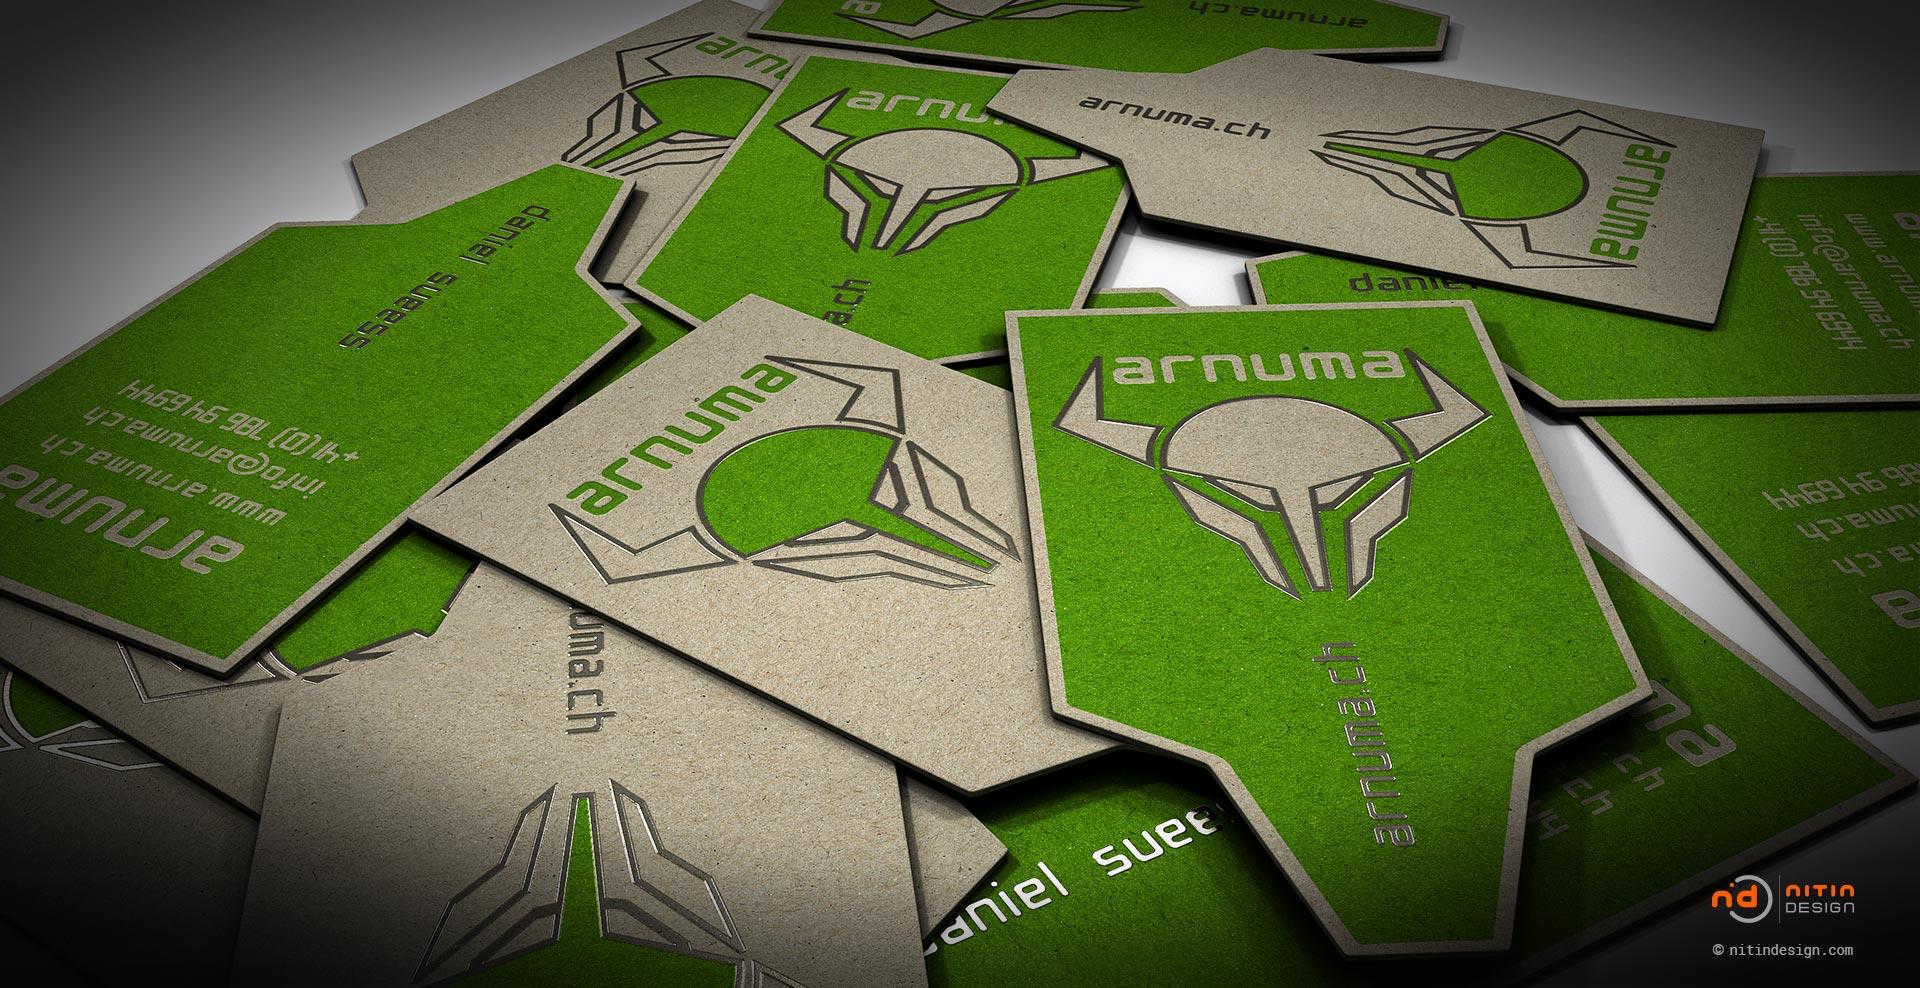 Arnuma-Nitin-Design